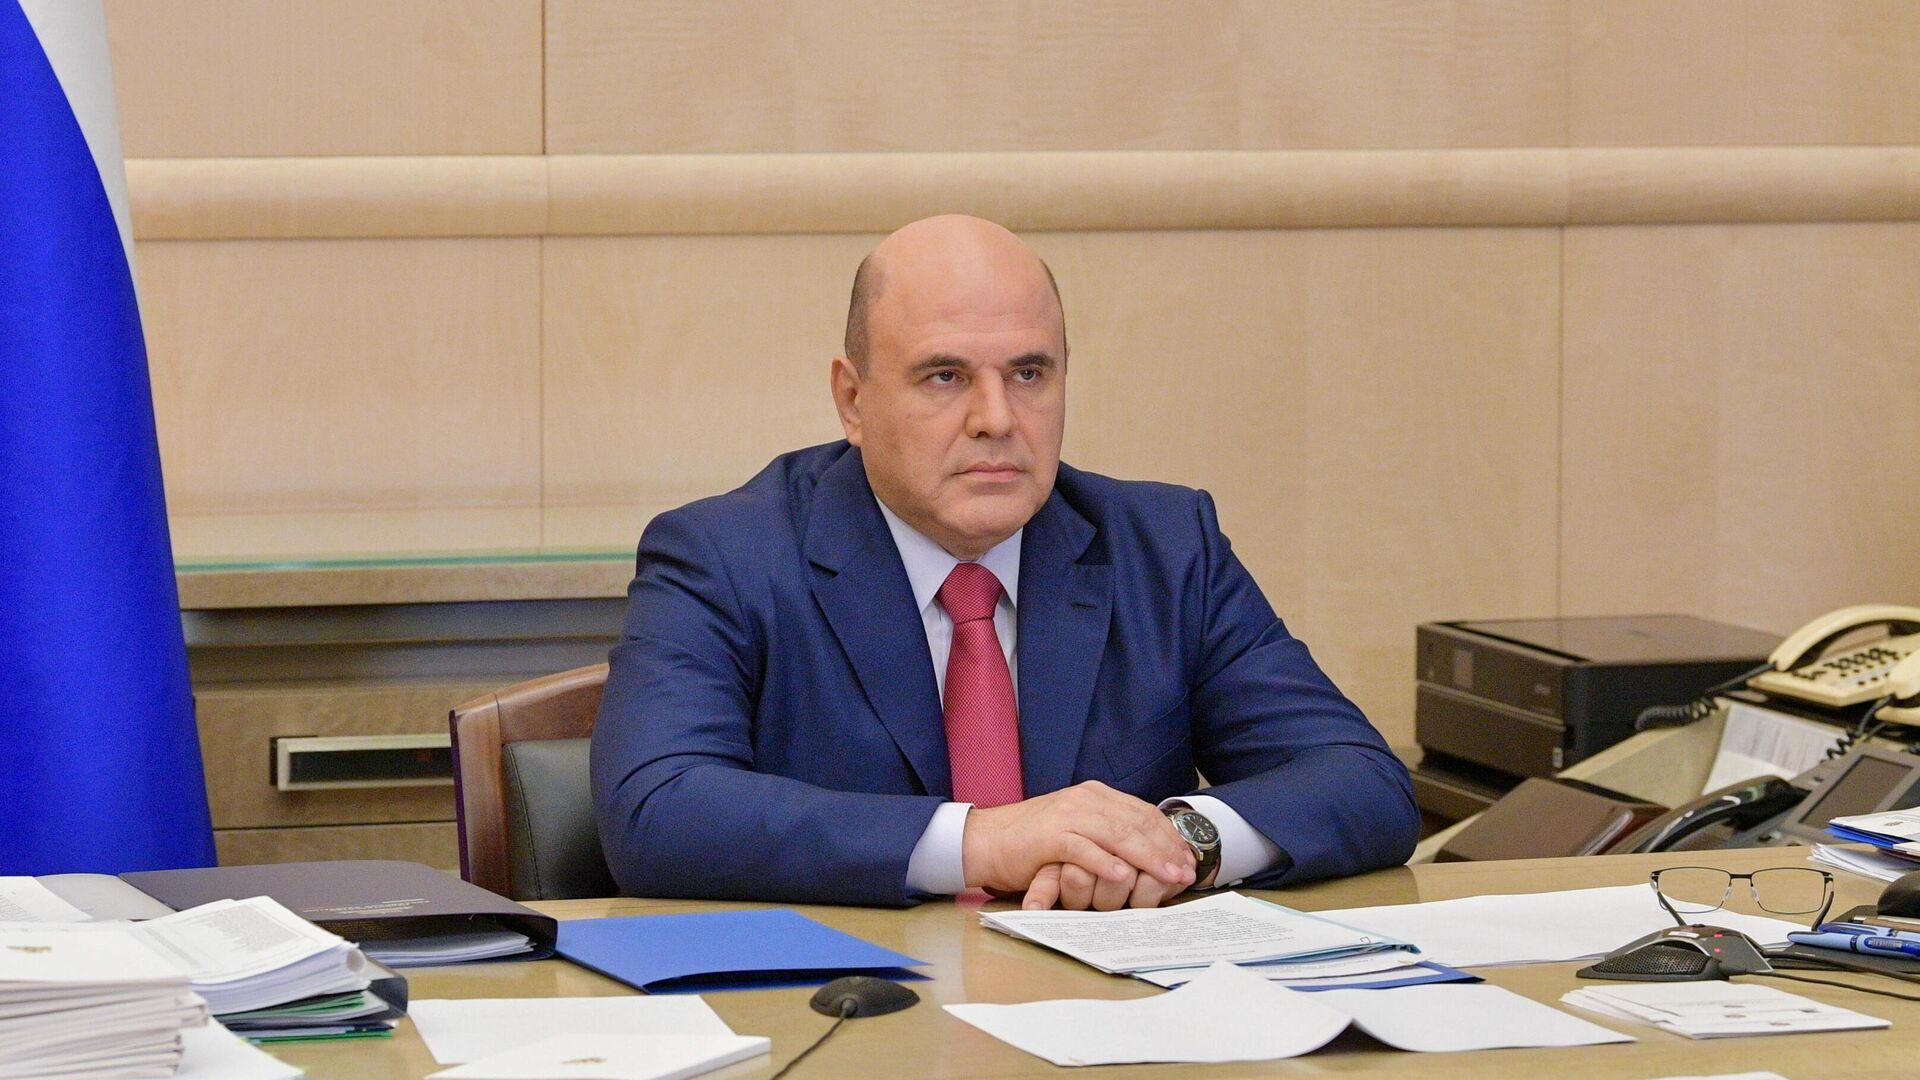 Председатель правительства РФ Михаил Мишустин - РИА Новости, 1920, 31.05.2021